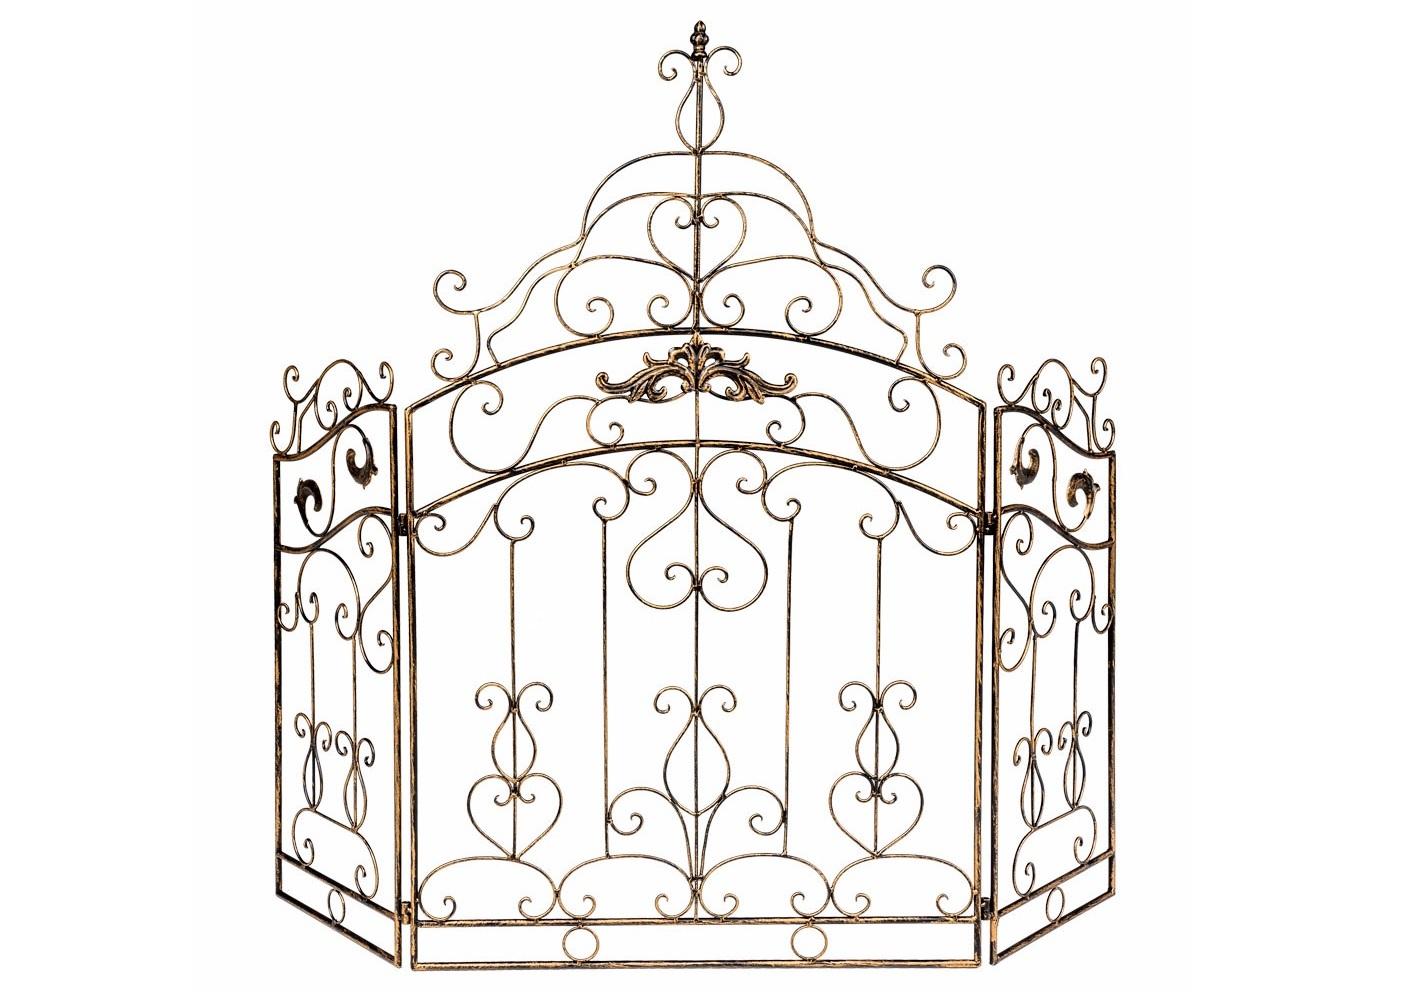 Каминный экран «Клермон»Другое<br>Каминный экран &amp;quot;Клермон&amp;quot;, декорированный роскошным узором королевских ворот, задаст Вашим апартаментам репутацию респектабельности и благополучия, не лишенных романтики и комфорта. Королевский узор экрана, свойственный классицизму, чрезвычайно эффектен в престижных интерьерах авангардного &amp;quot;лофта&amp;quot;. Особый комплимент - поклонникам салонного &amp;quot;ар-деко&amp;quot;. Складные экраны практичнее плоских. Трехстворчатая конструкция позволяет моделировать форму, регулируя длину и глубину экрана согласно планировке.<br><br>Material: Металл<br>Width см: 117<br>Height см: 101